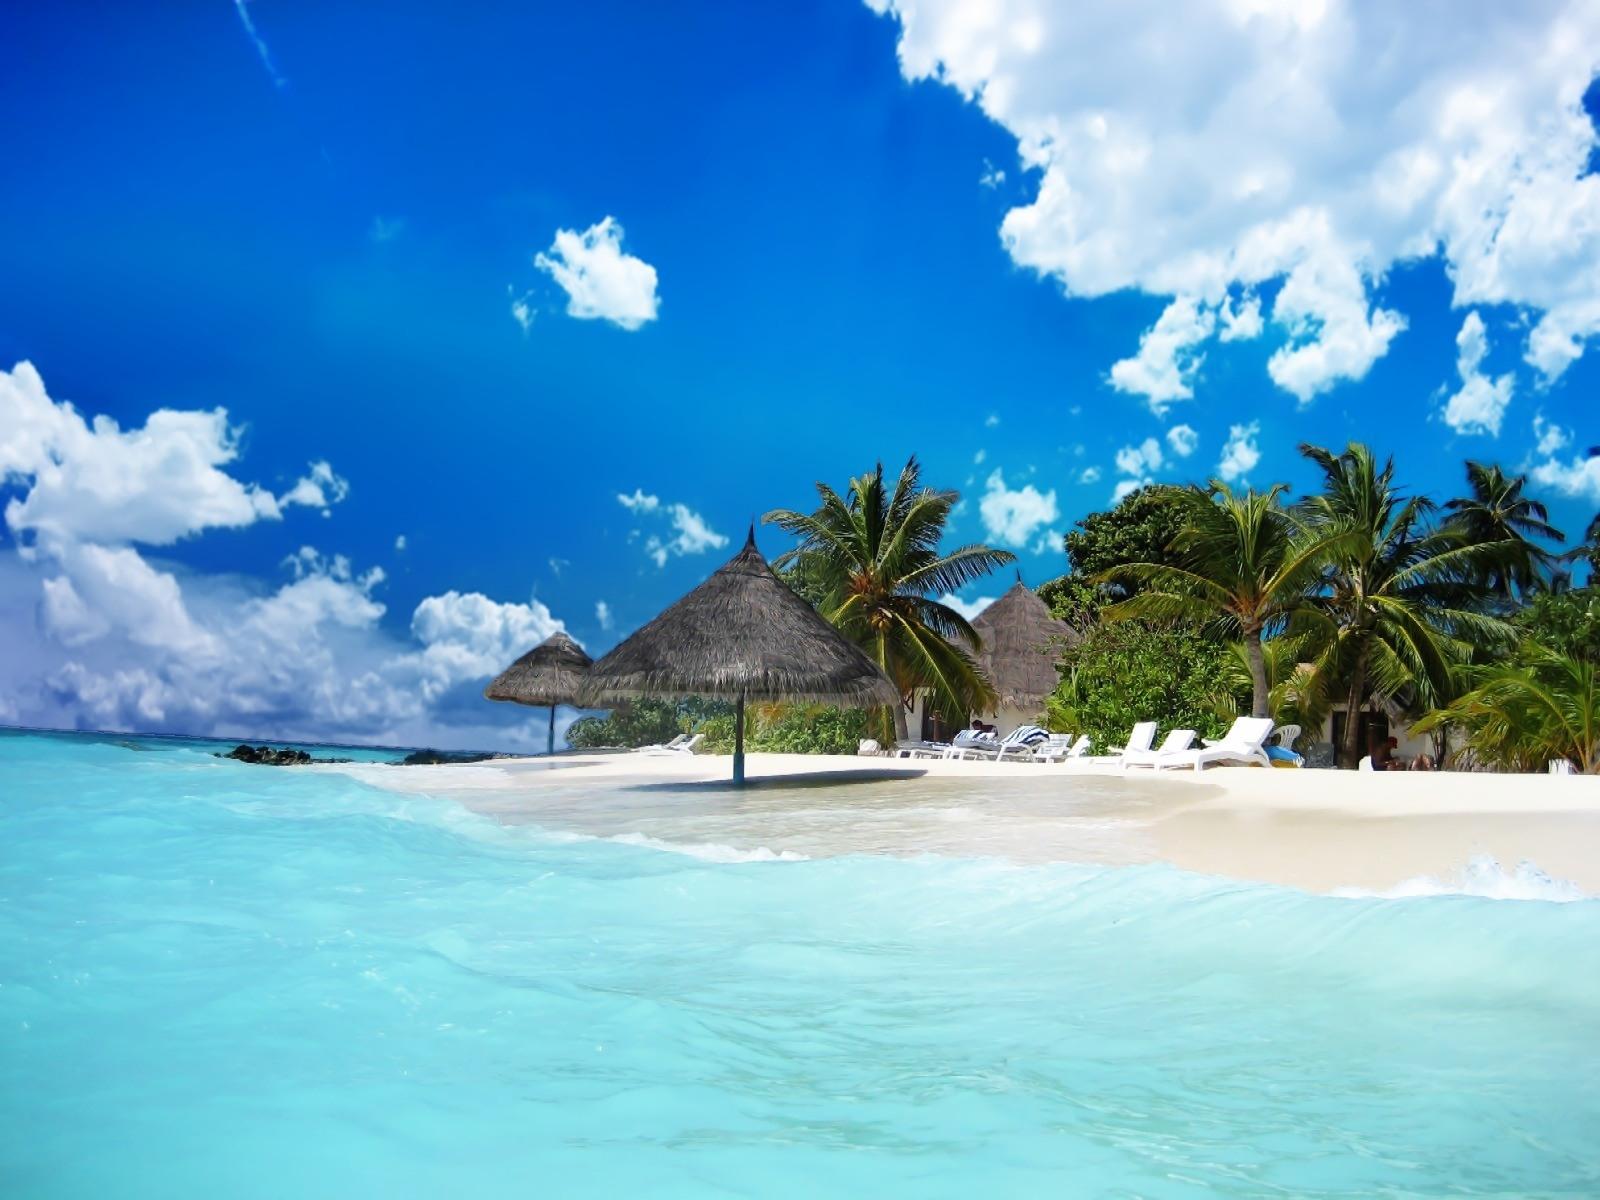 http://2.bp.blogspot.com/-7bh_uiODxFE/UJtapGP6zlI/AAAAAAAABow/nPvZMA8WNq0/s1600/beach+wallpaper+7.jpg